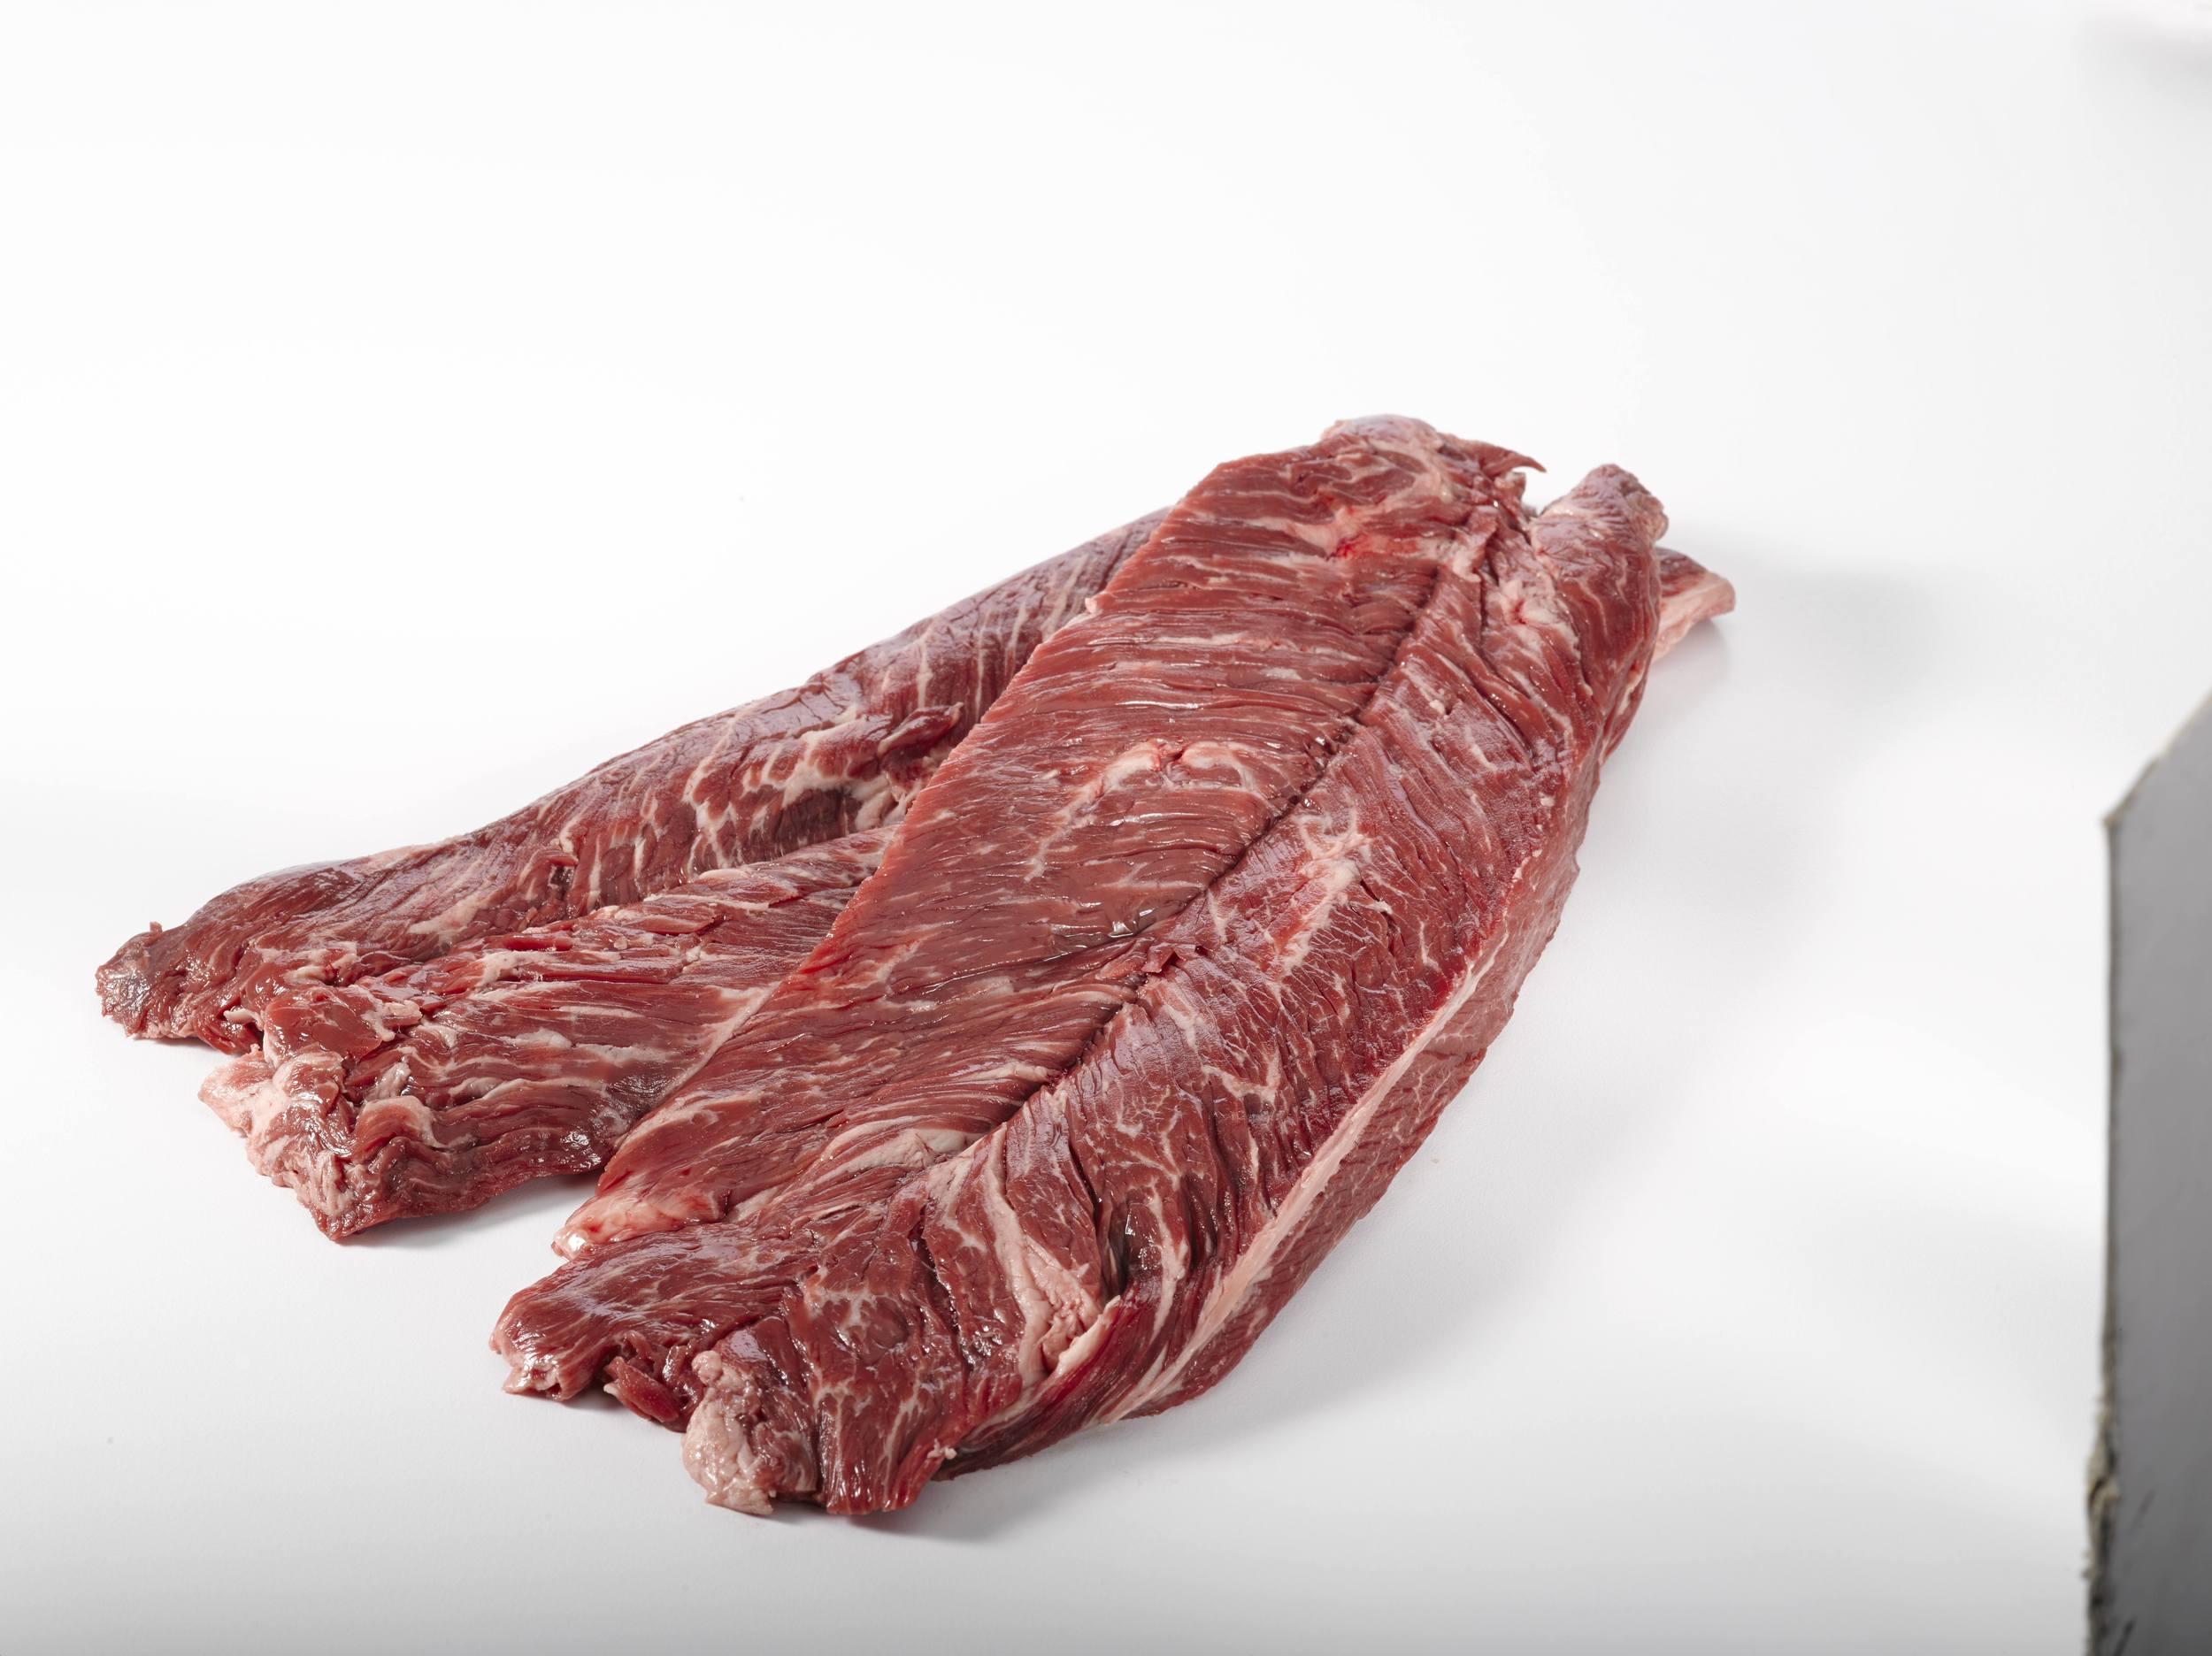 Hanger_Steak_075.jpg